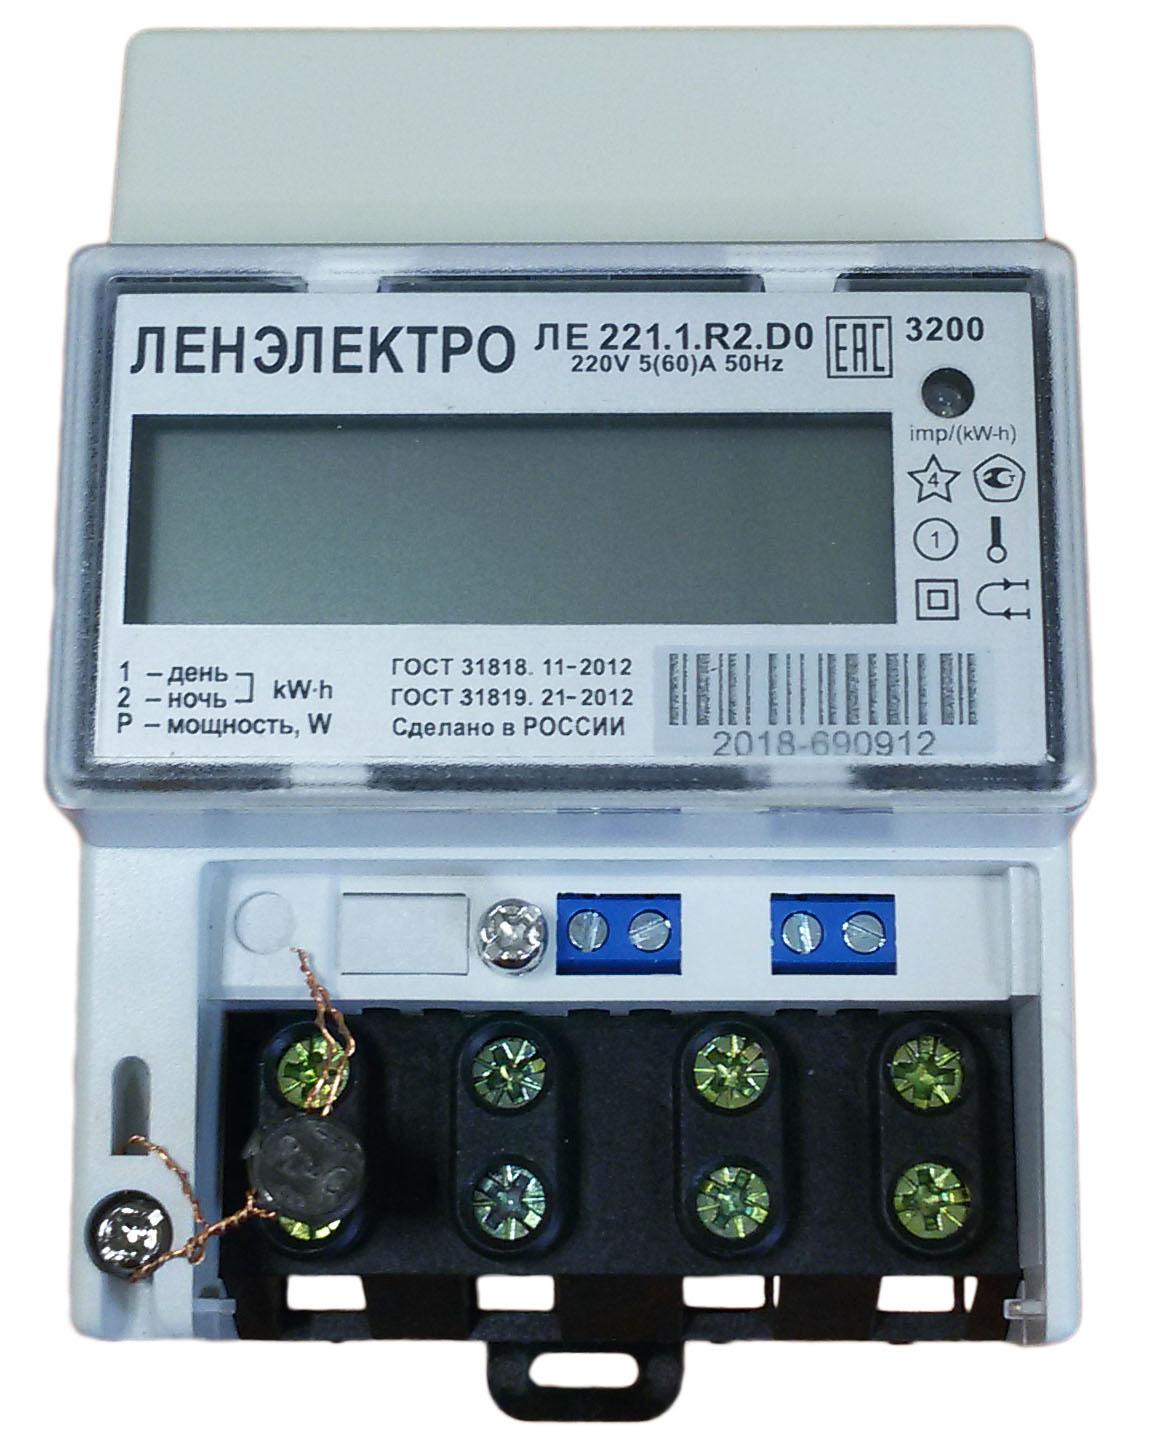 Двухтарифные электросчетчики